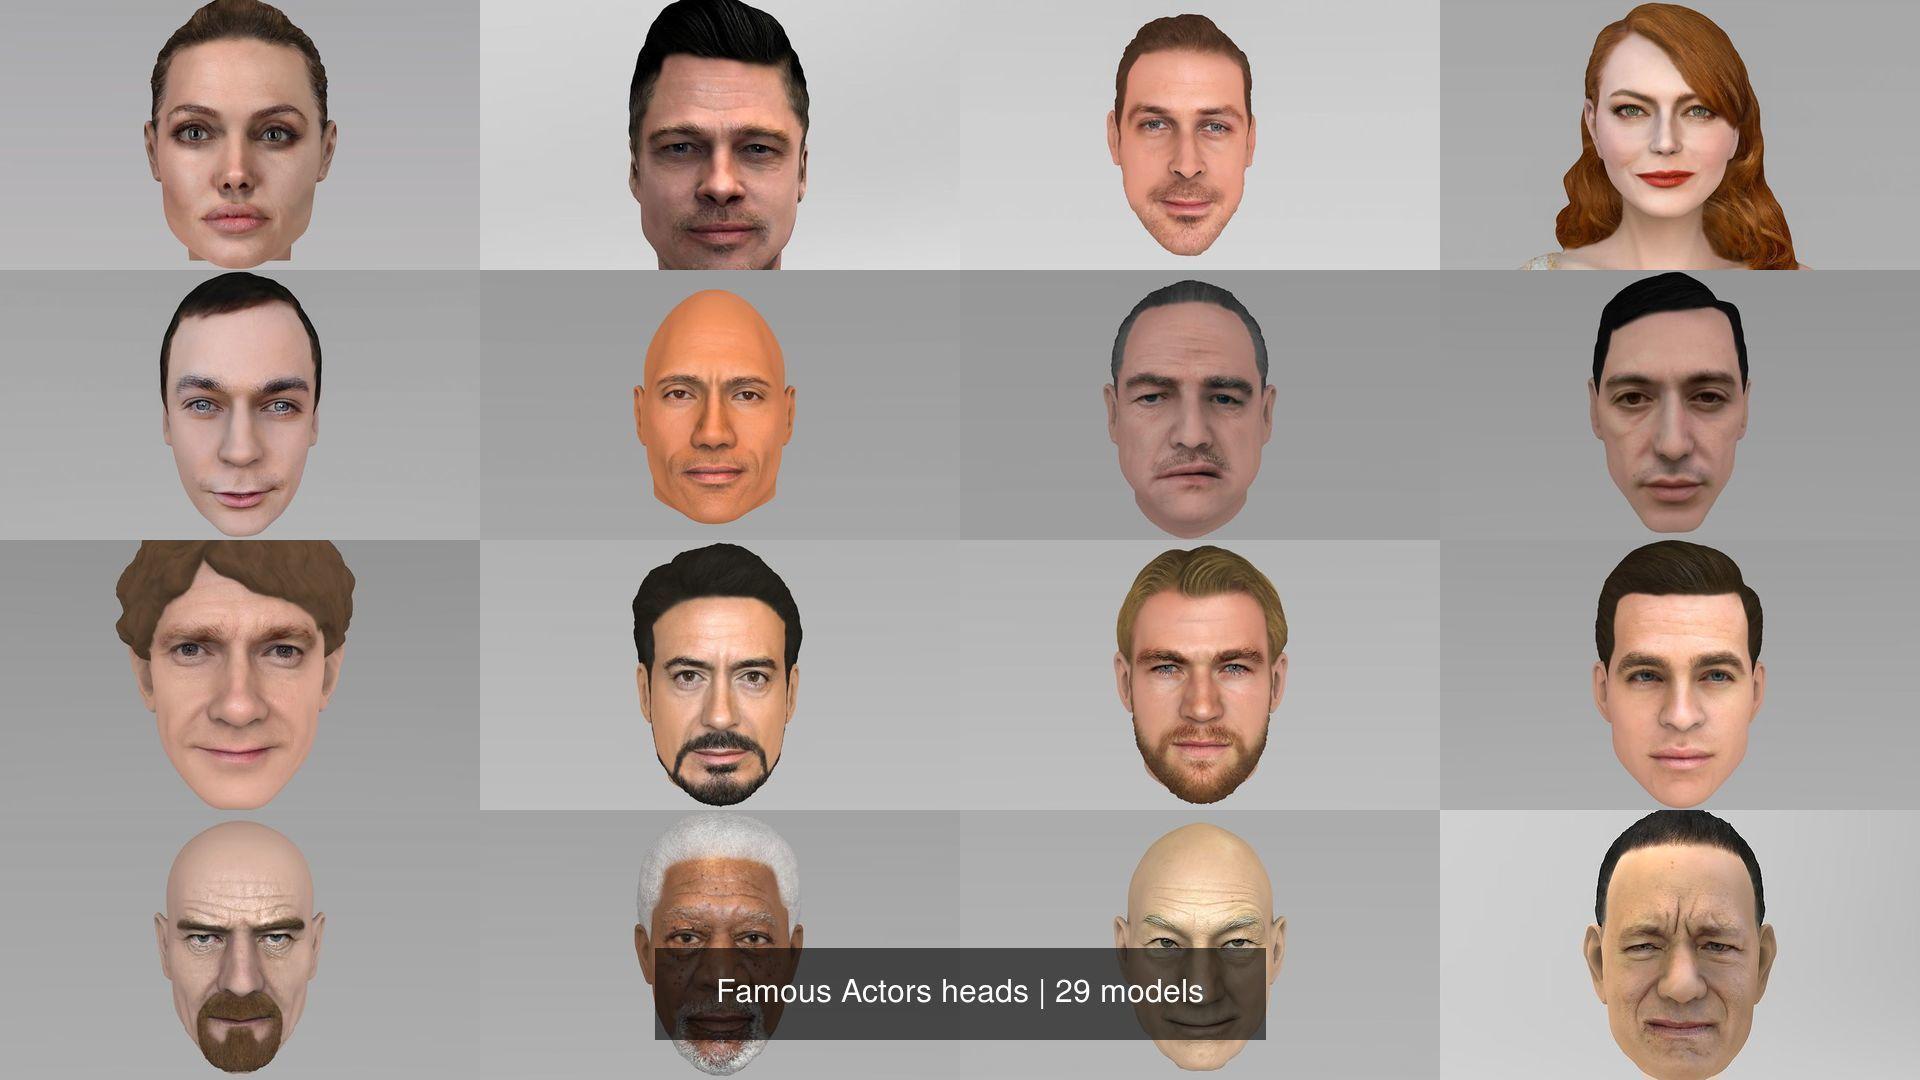 Famous Actors heads